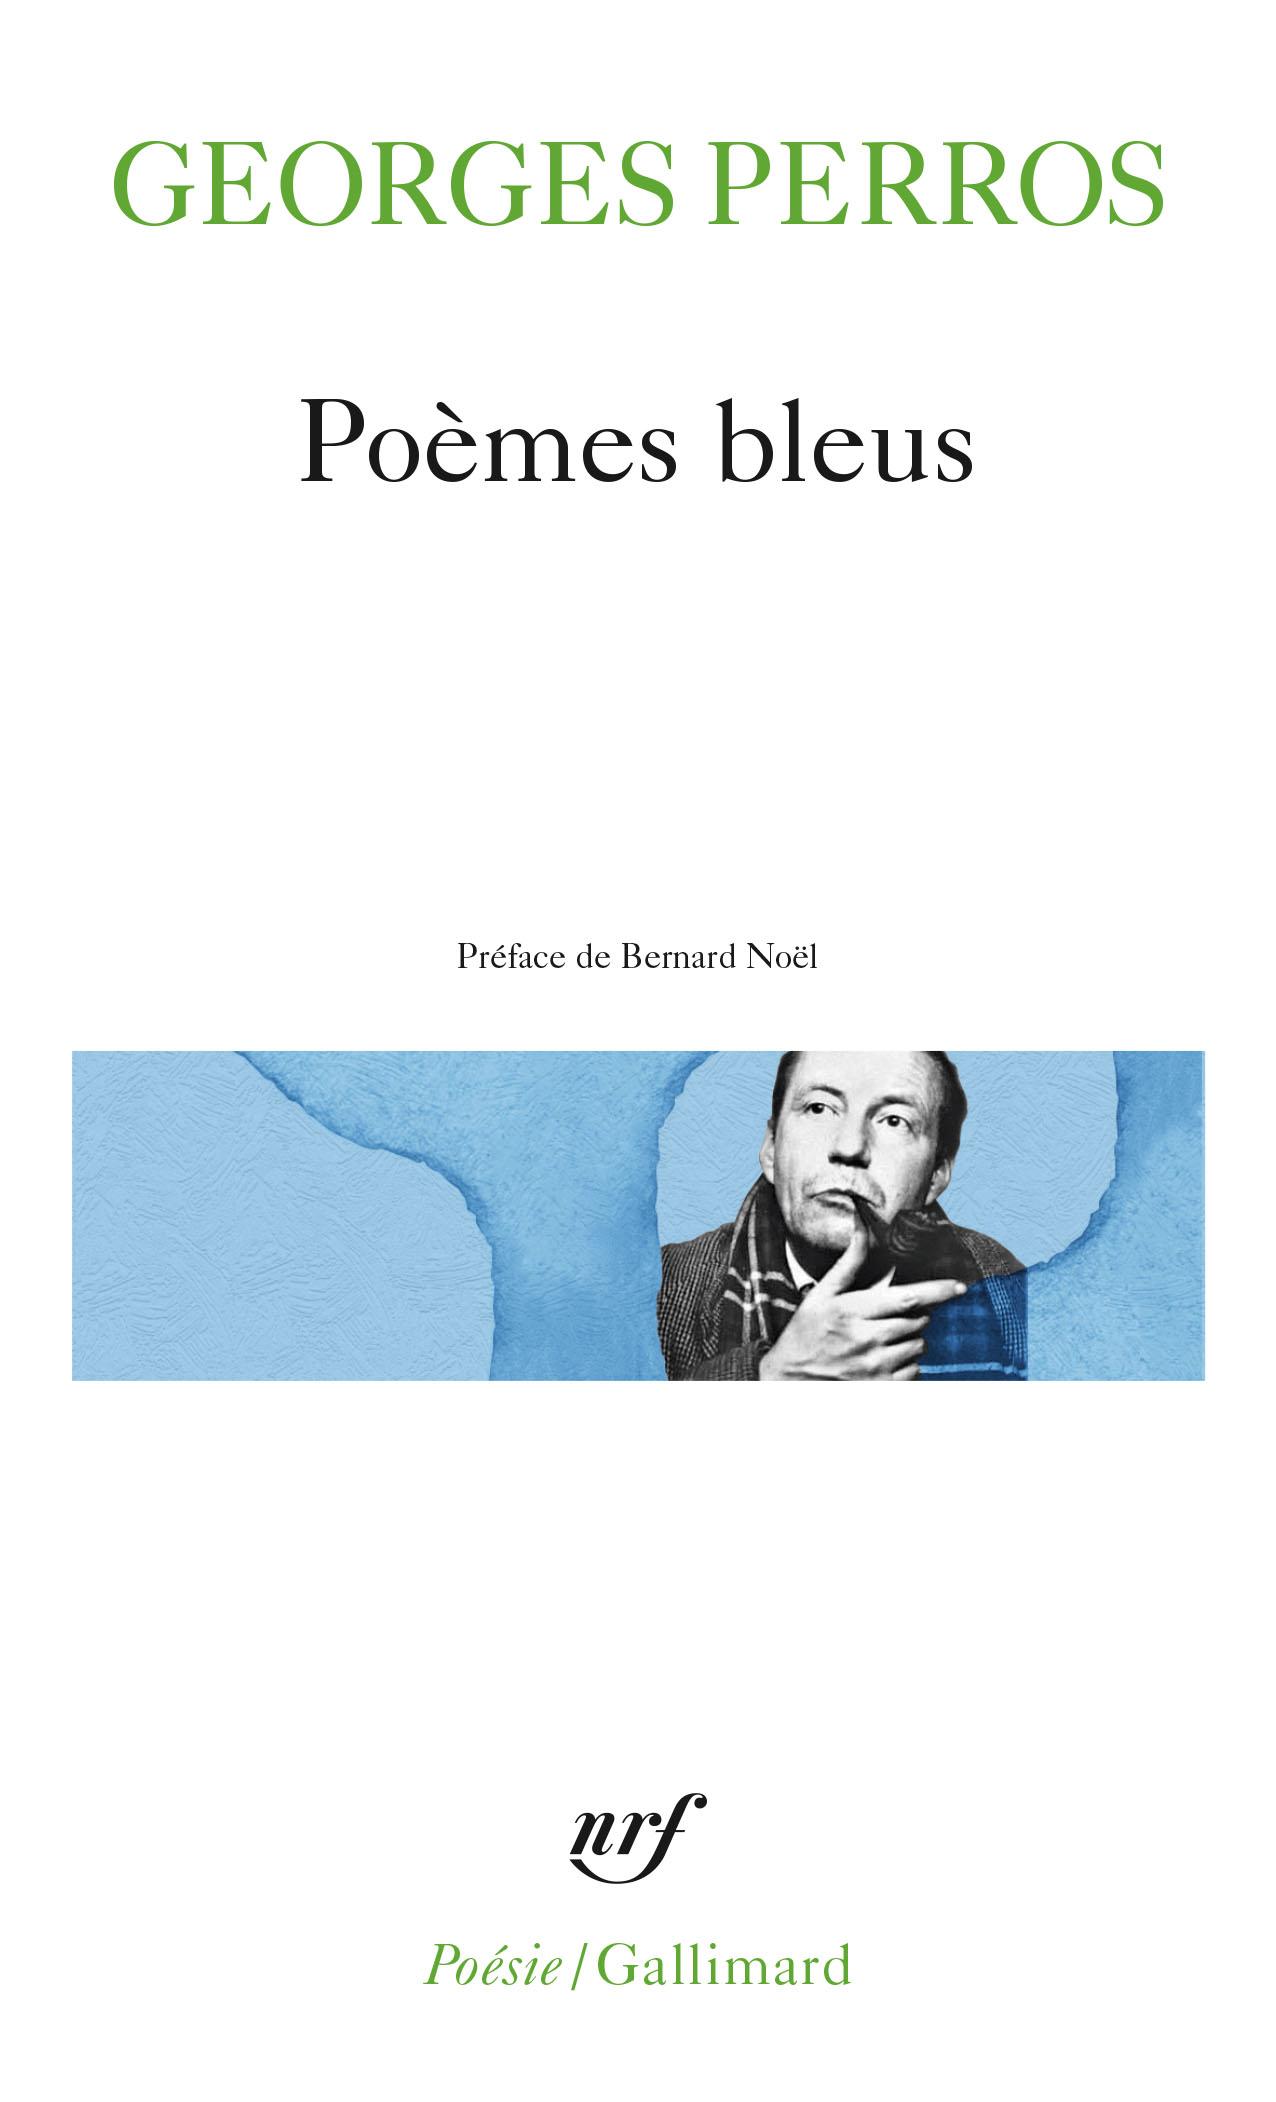 G. Perros, Poèmes bleus (Poésie/Gallimard, rééd.)